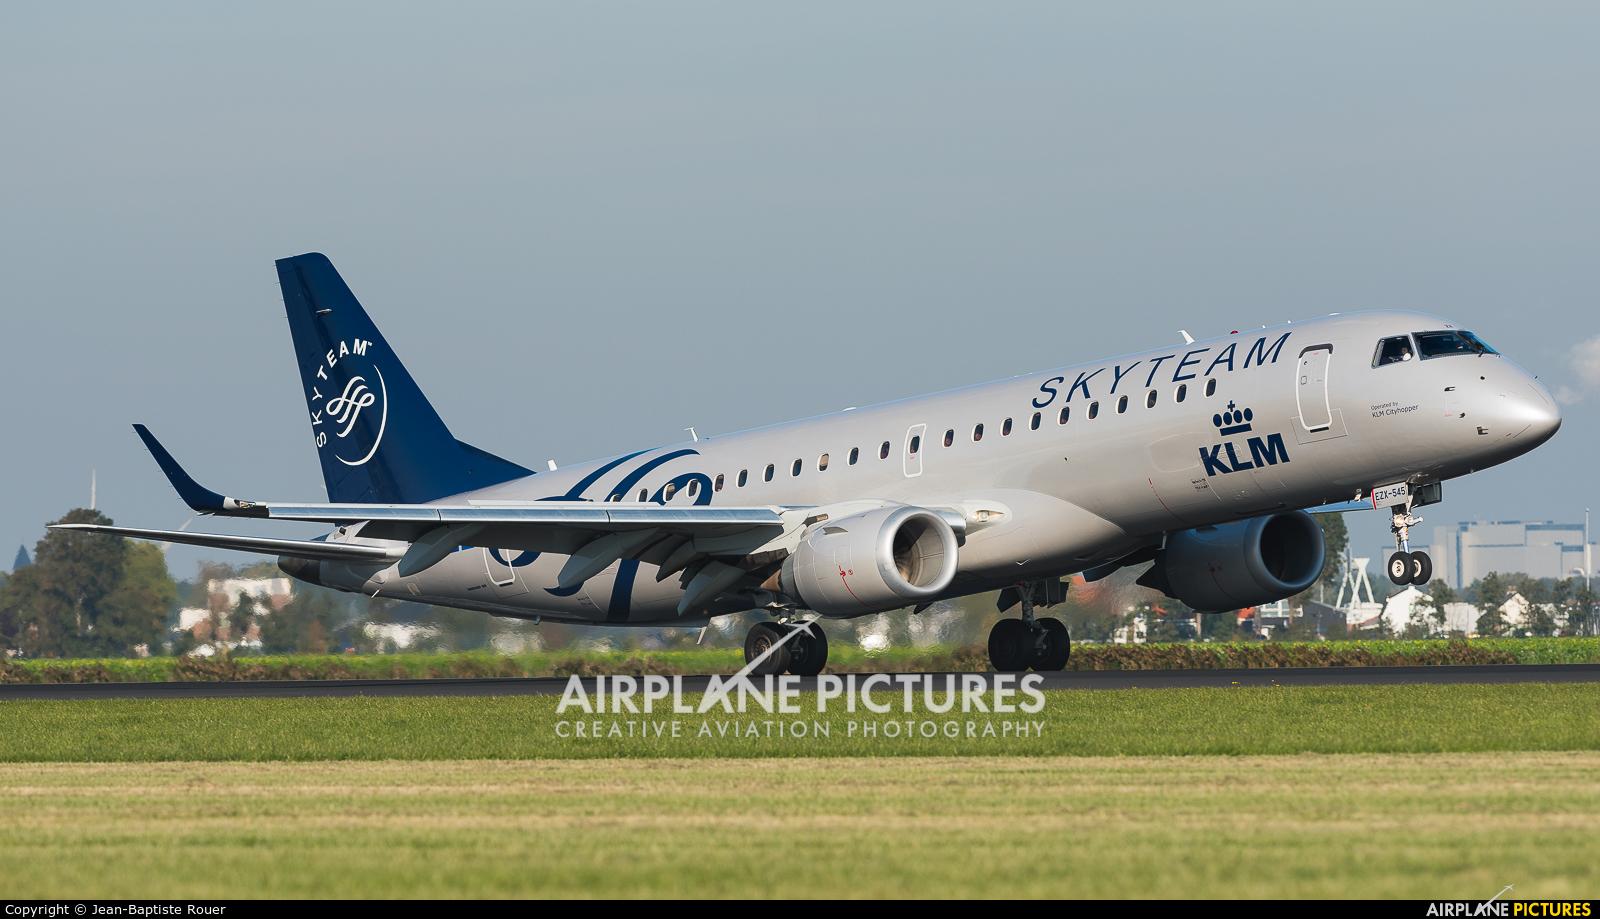 KLM Cityhopper PH-EZX aircraft at Amsterdam - Schiphol